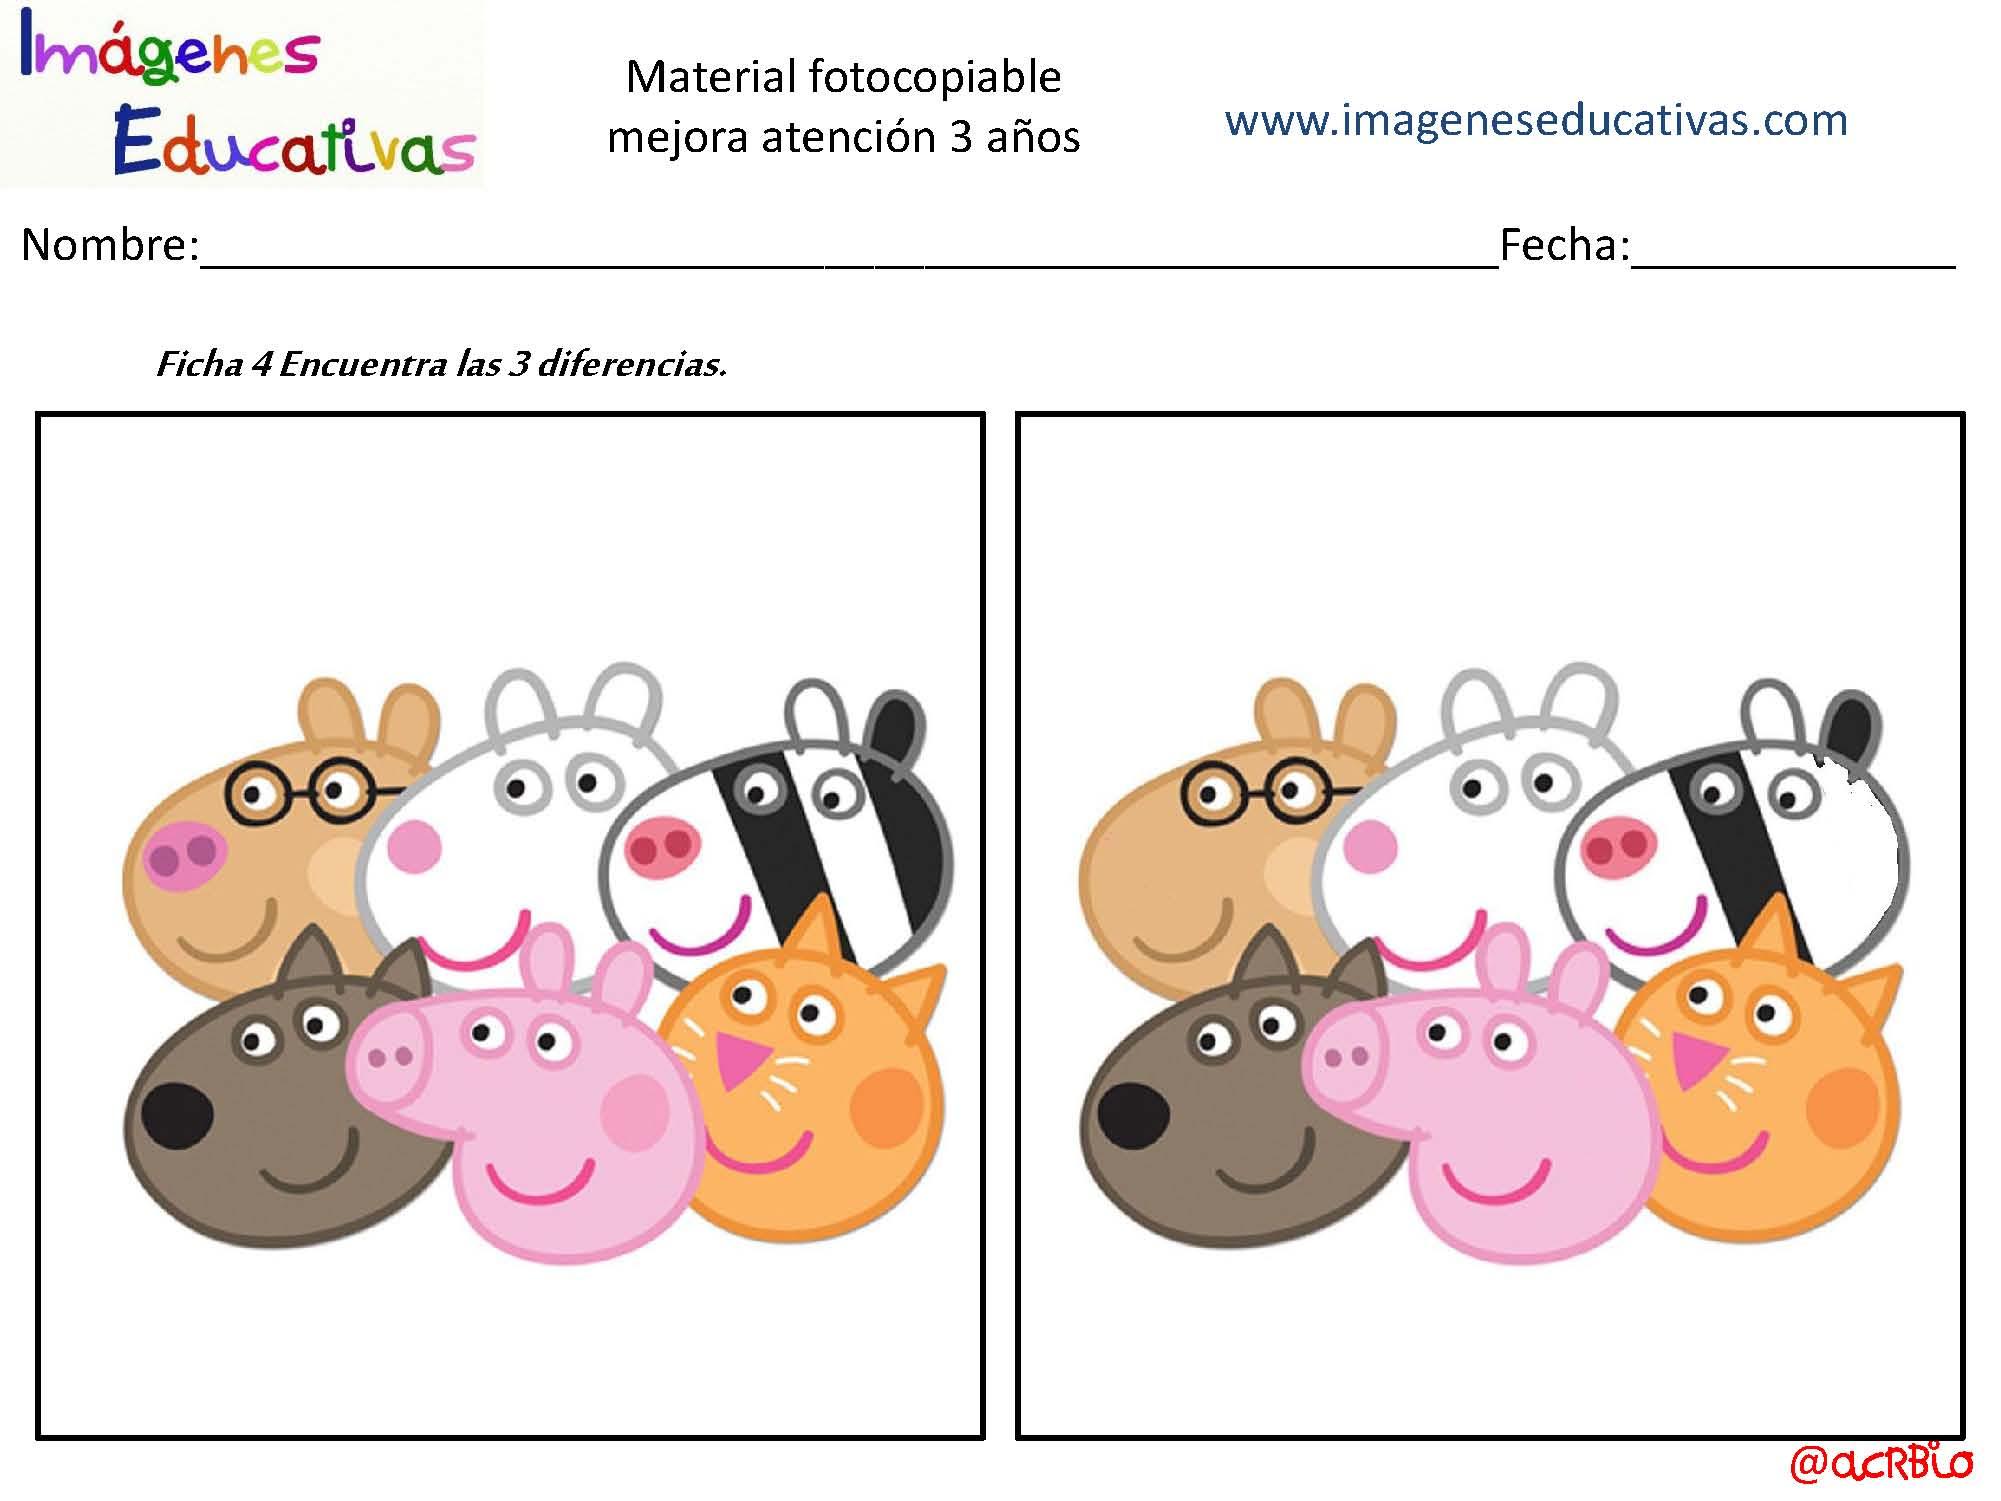 Actividades para mejorar la atenci n 3 a os p gina 05 imagenes educativas - Colores para la concentracion ...